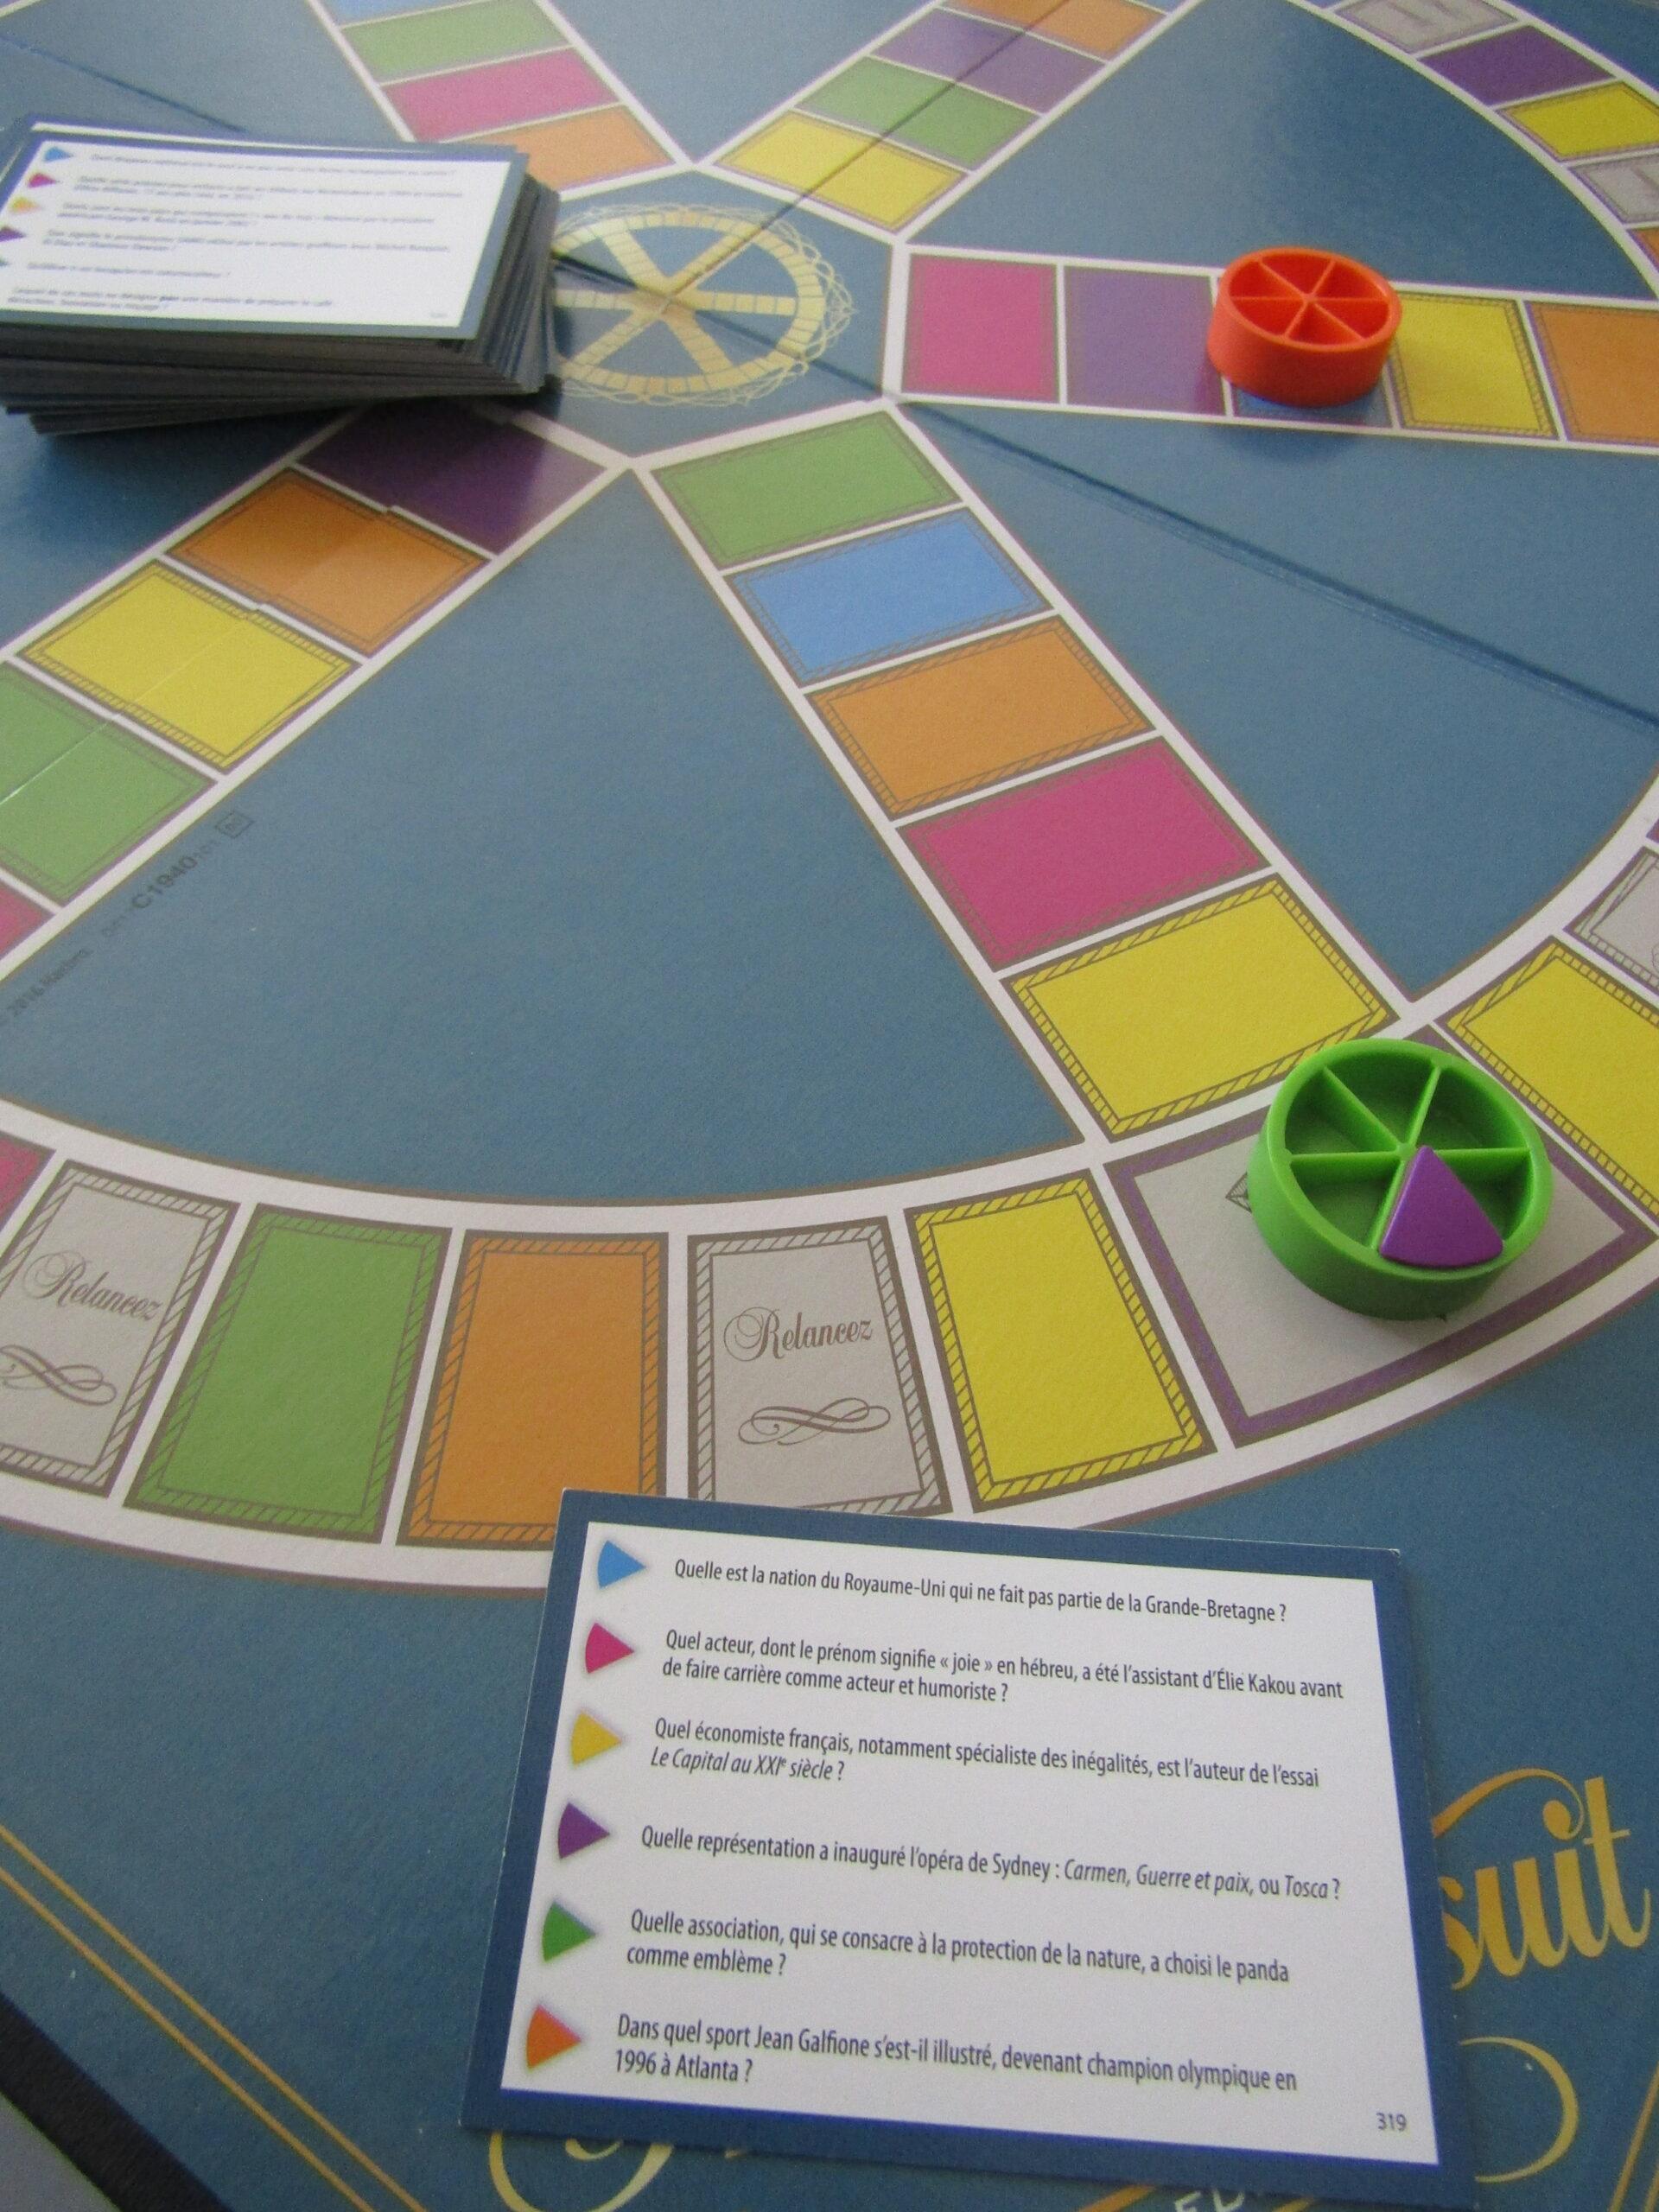 Un jeu de société Trivial Pursuit en cours de partie. On observe une carte avec des questions au premier plan suivie d'un plateau en second plan. Le plateau est composé de nombreuses cases colorées et on peut observe 2 pions sur le plateau.